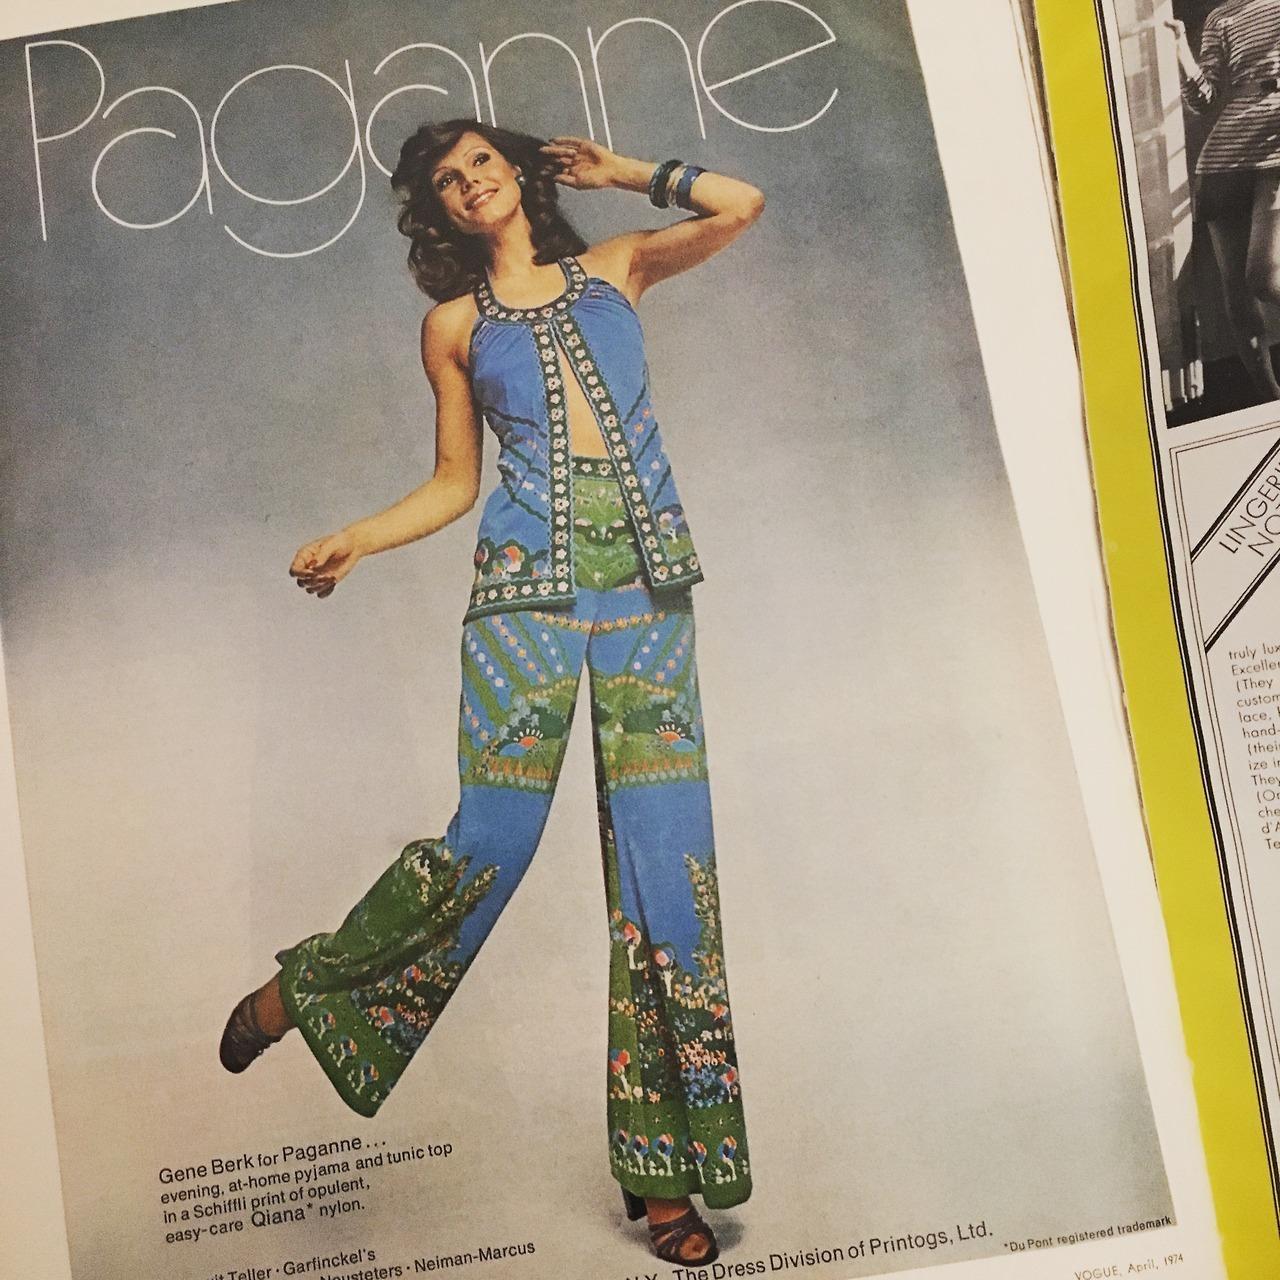 Paganne ad.  Vogue , April 1976.